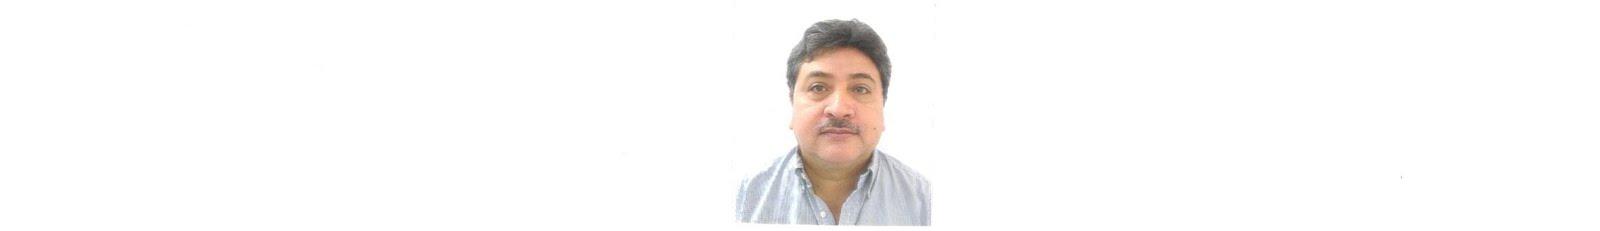 Rodolfo Bernal